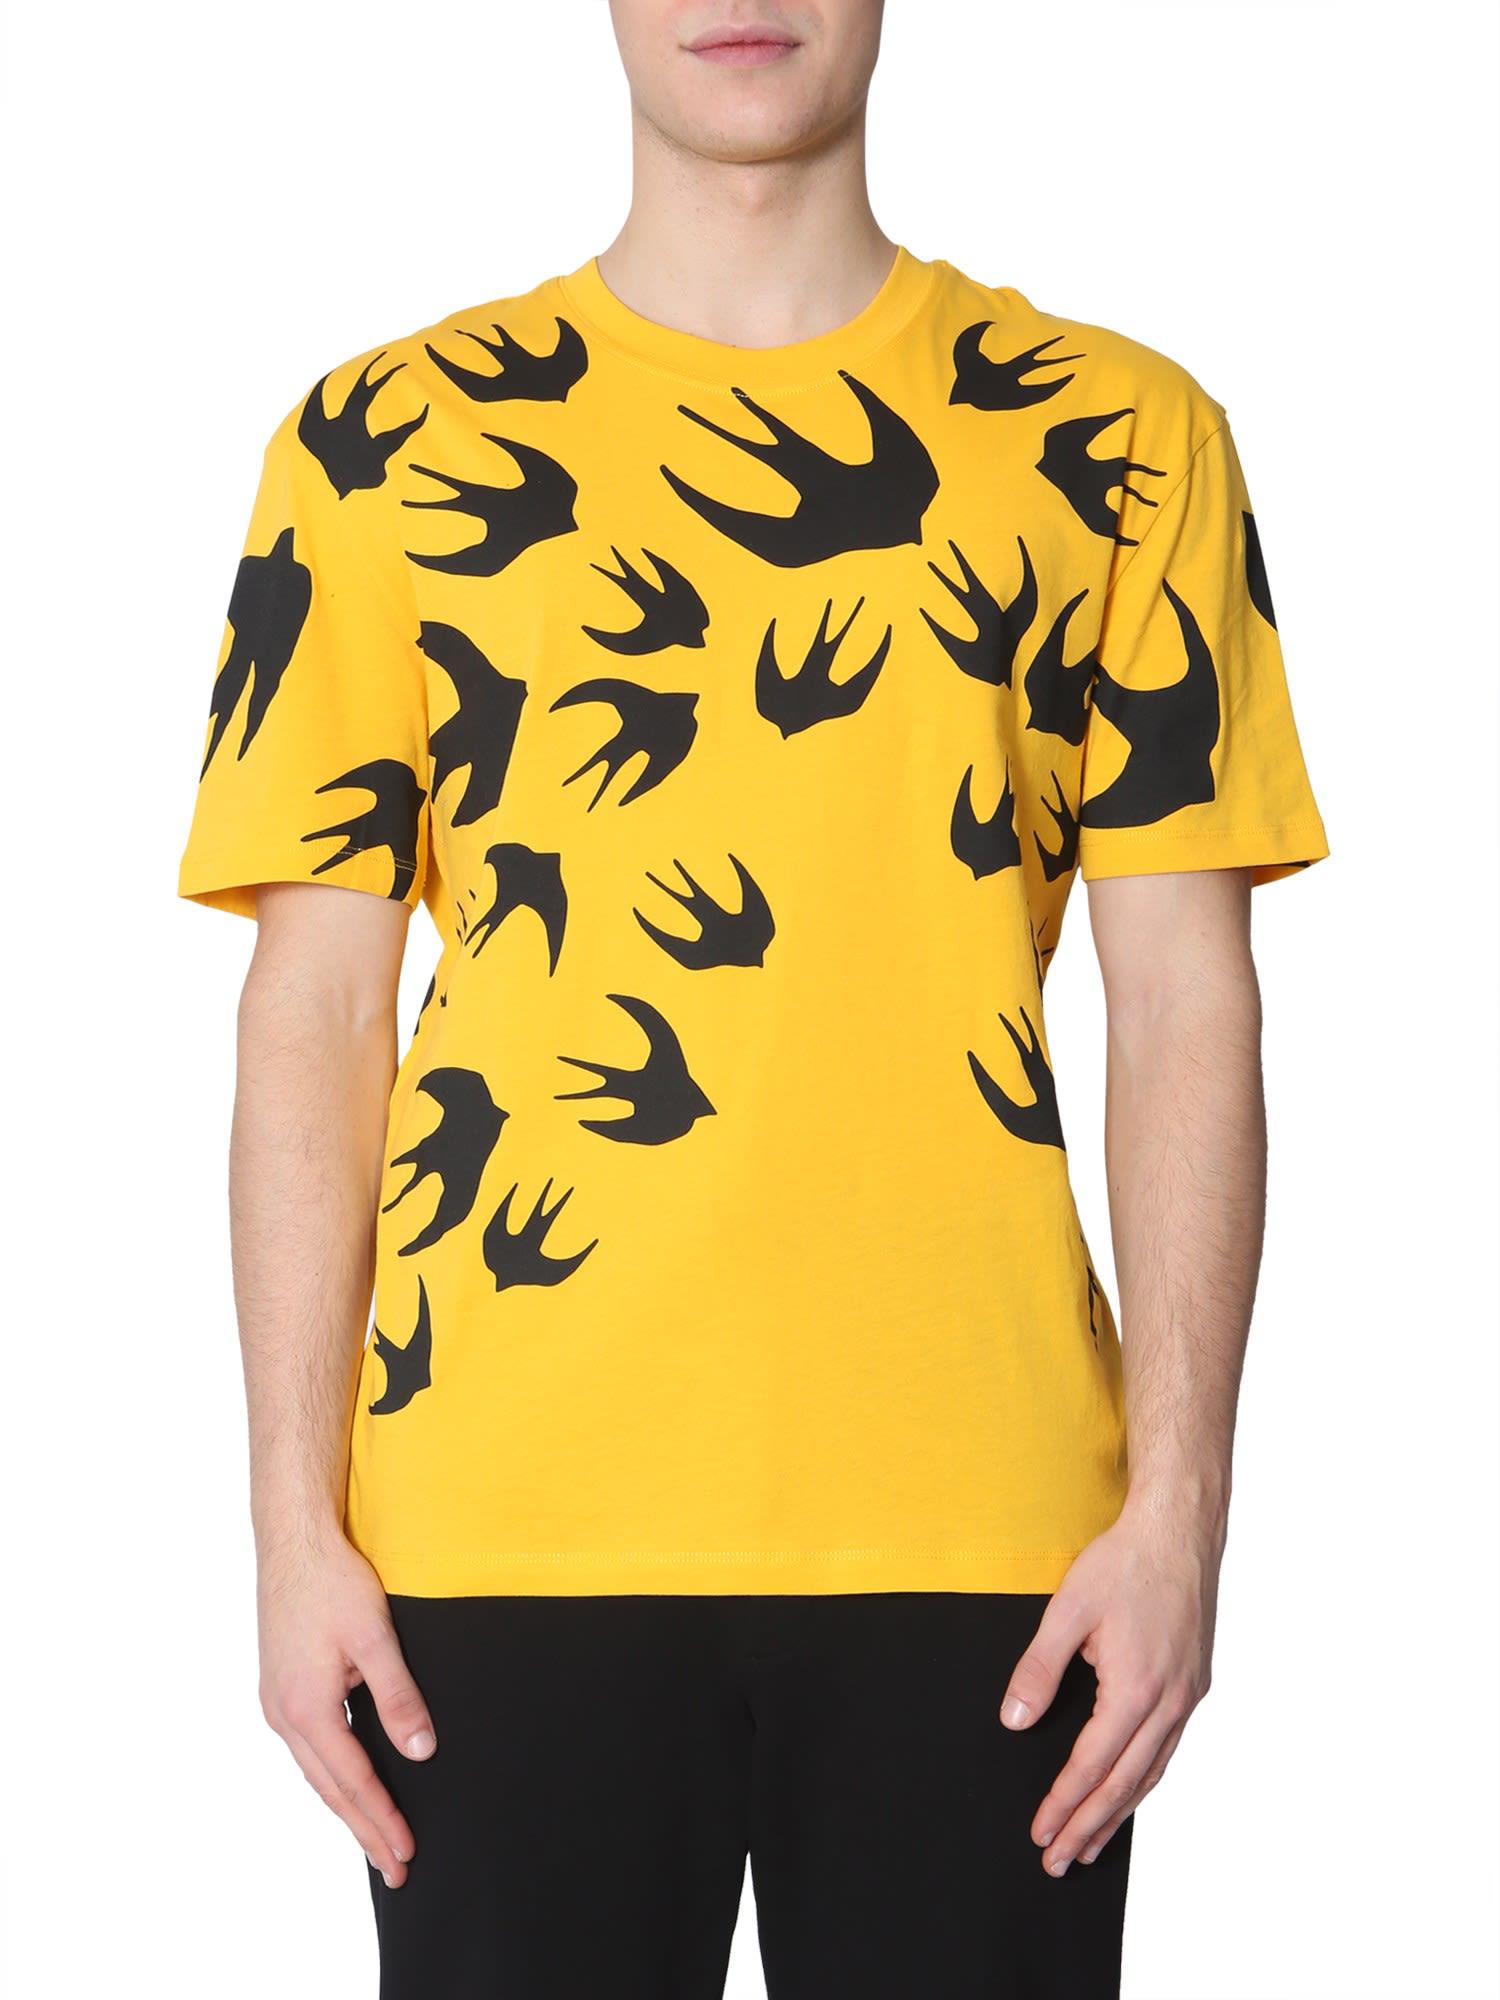 c948a64e Mcq By Alexander Mcqueen Mcq Alexander Mcqueen Swallow Print T-Shirt -  Yellow